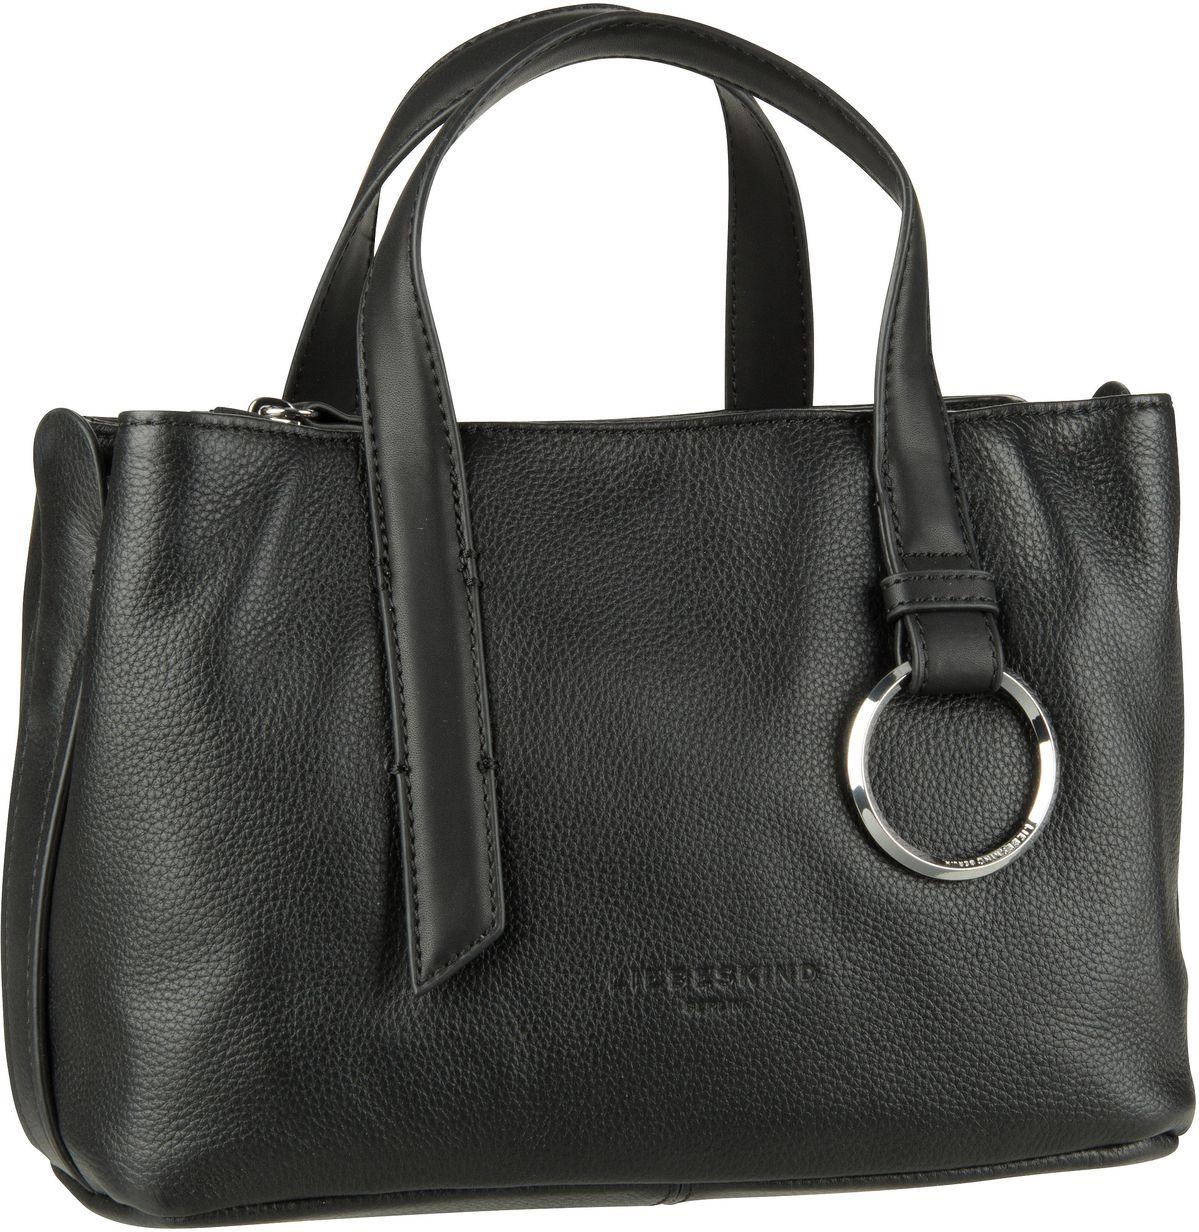 Berlin Handtasche Millenium Satchel M Black